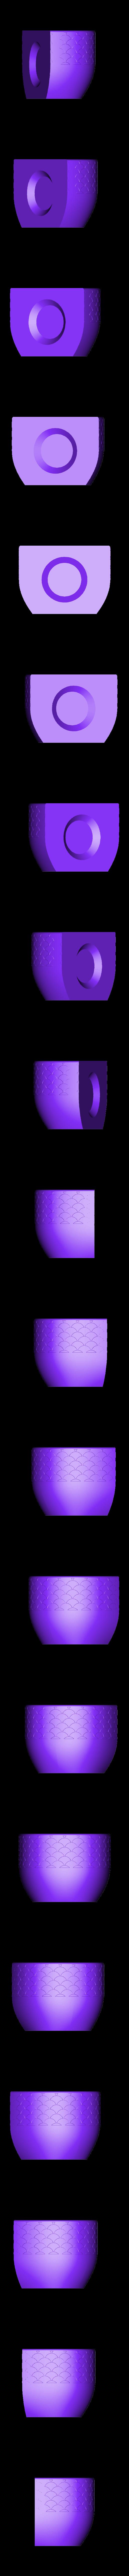 LM_balljap.stl Download STL file Luminaires • Design to 3D print, Barbe_Iturique